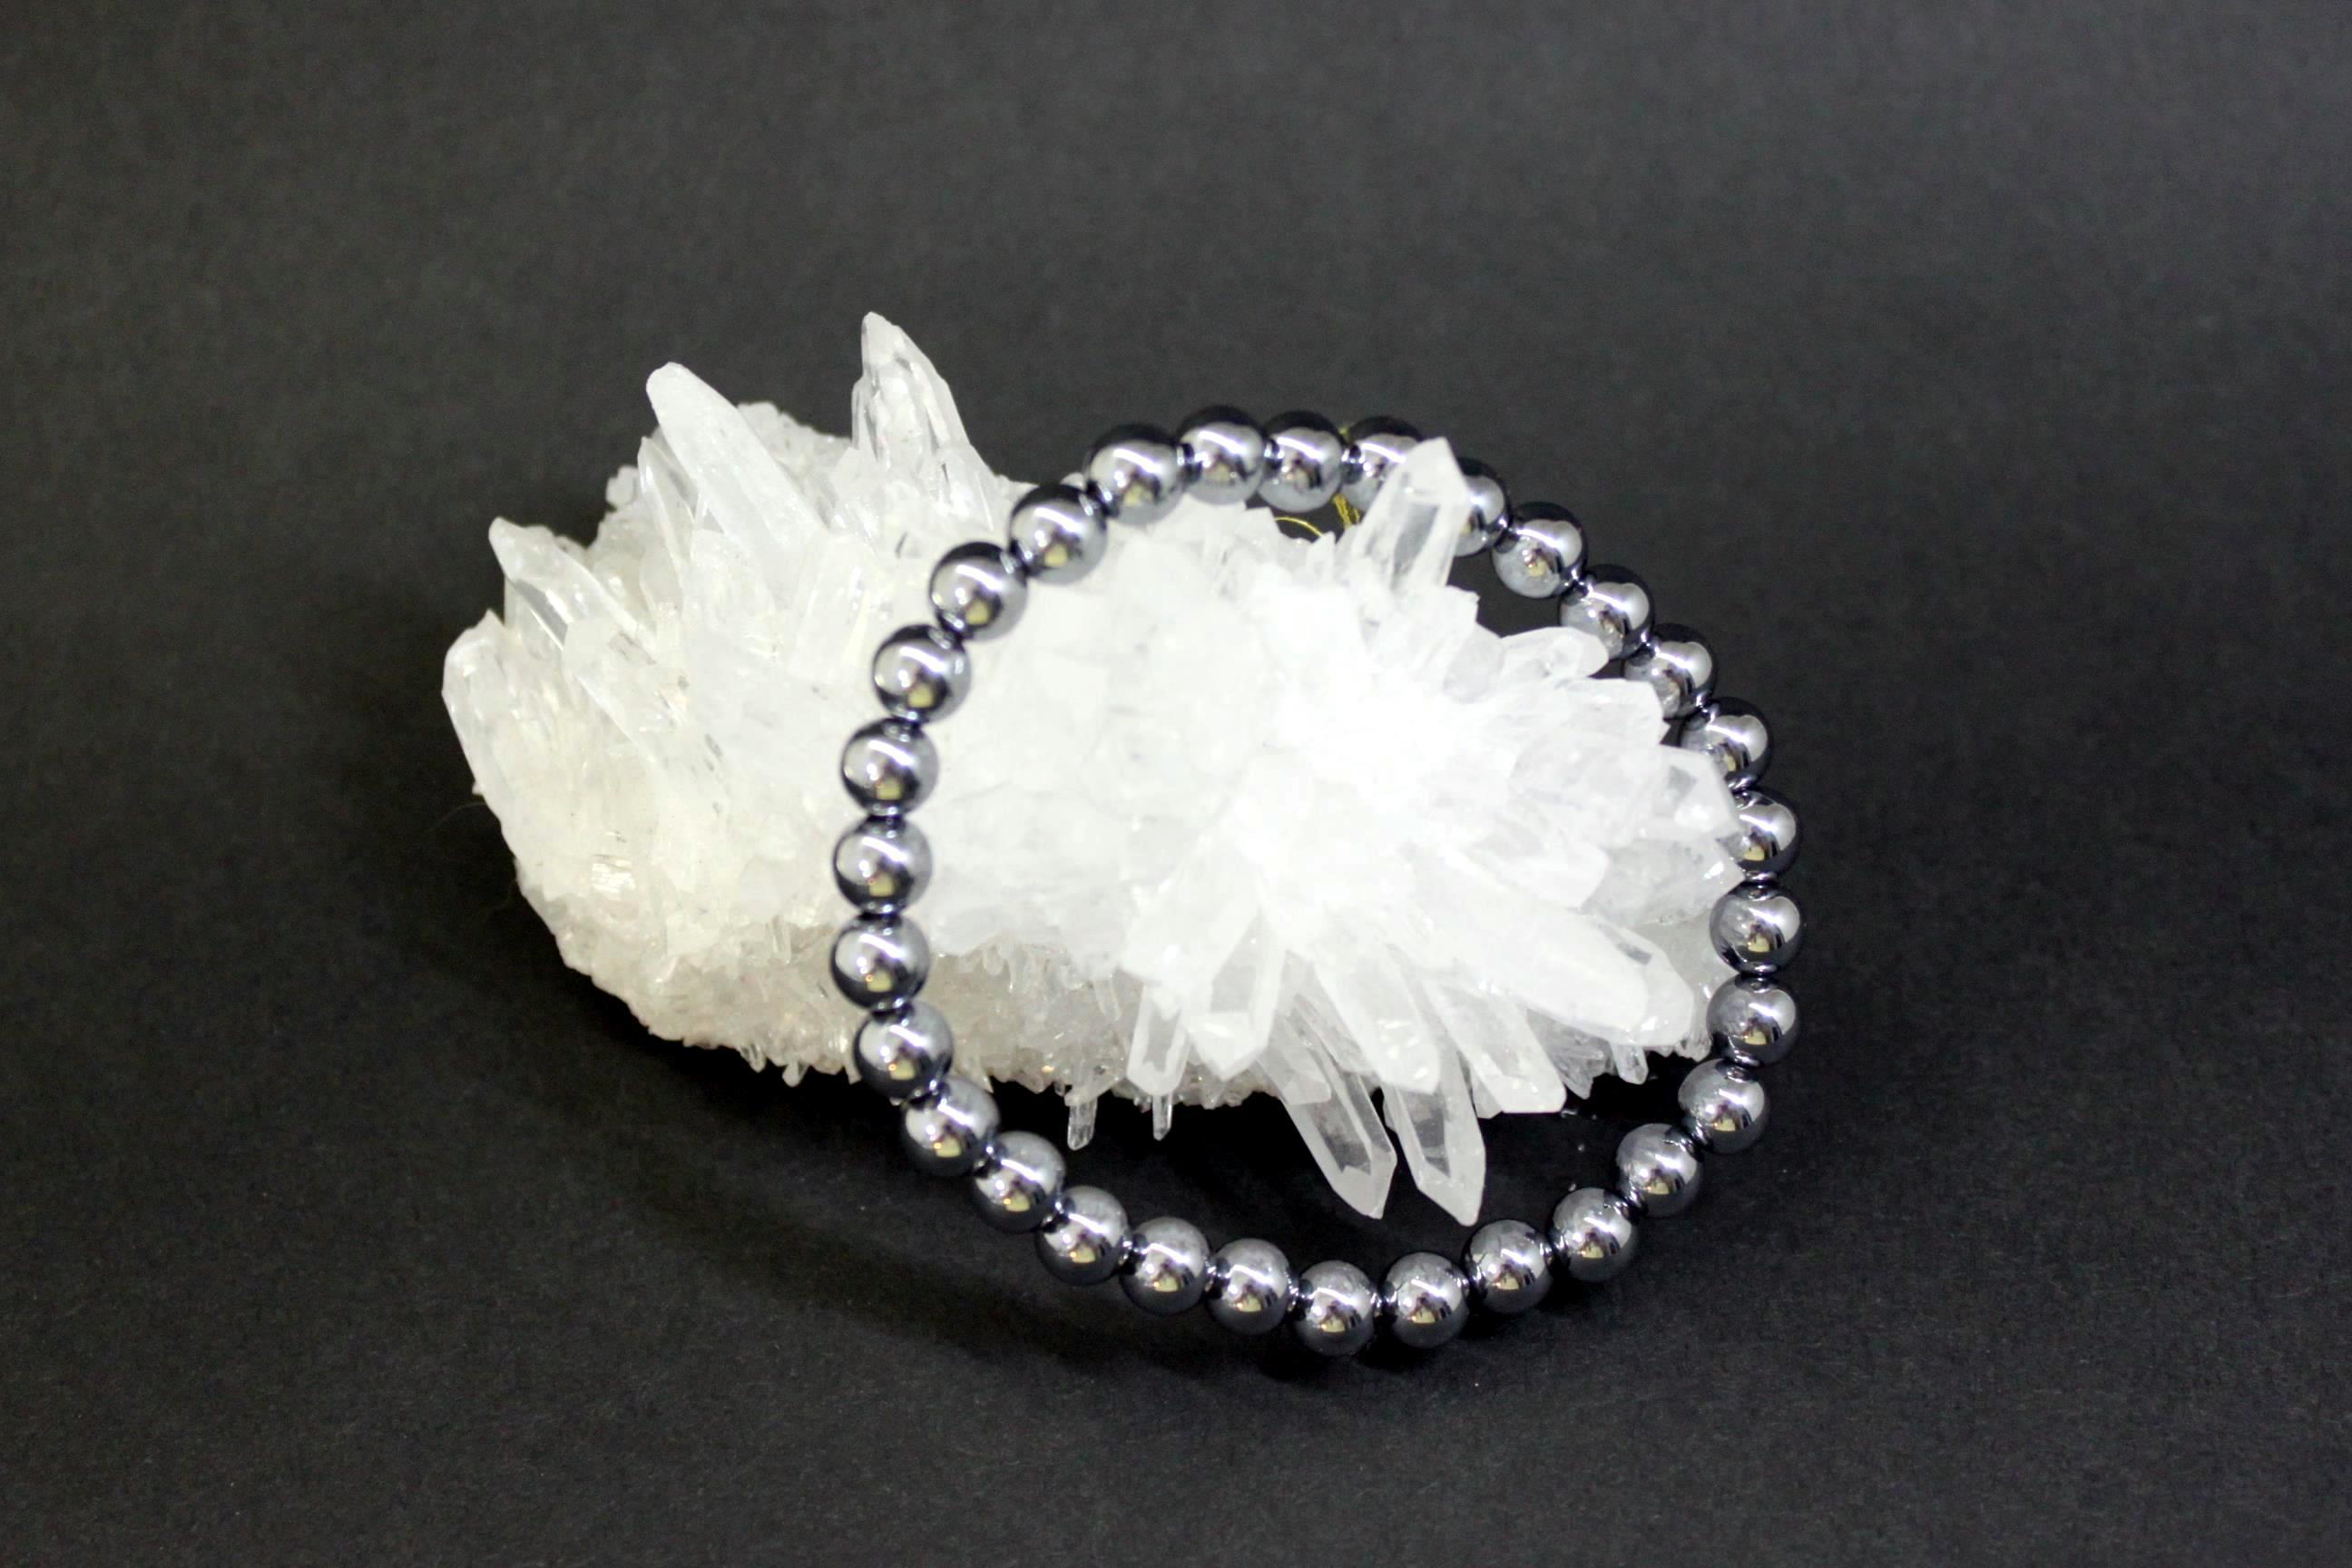 テラヘルツ鉱石 丸玉ブレスレット6ミリ